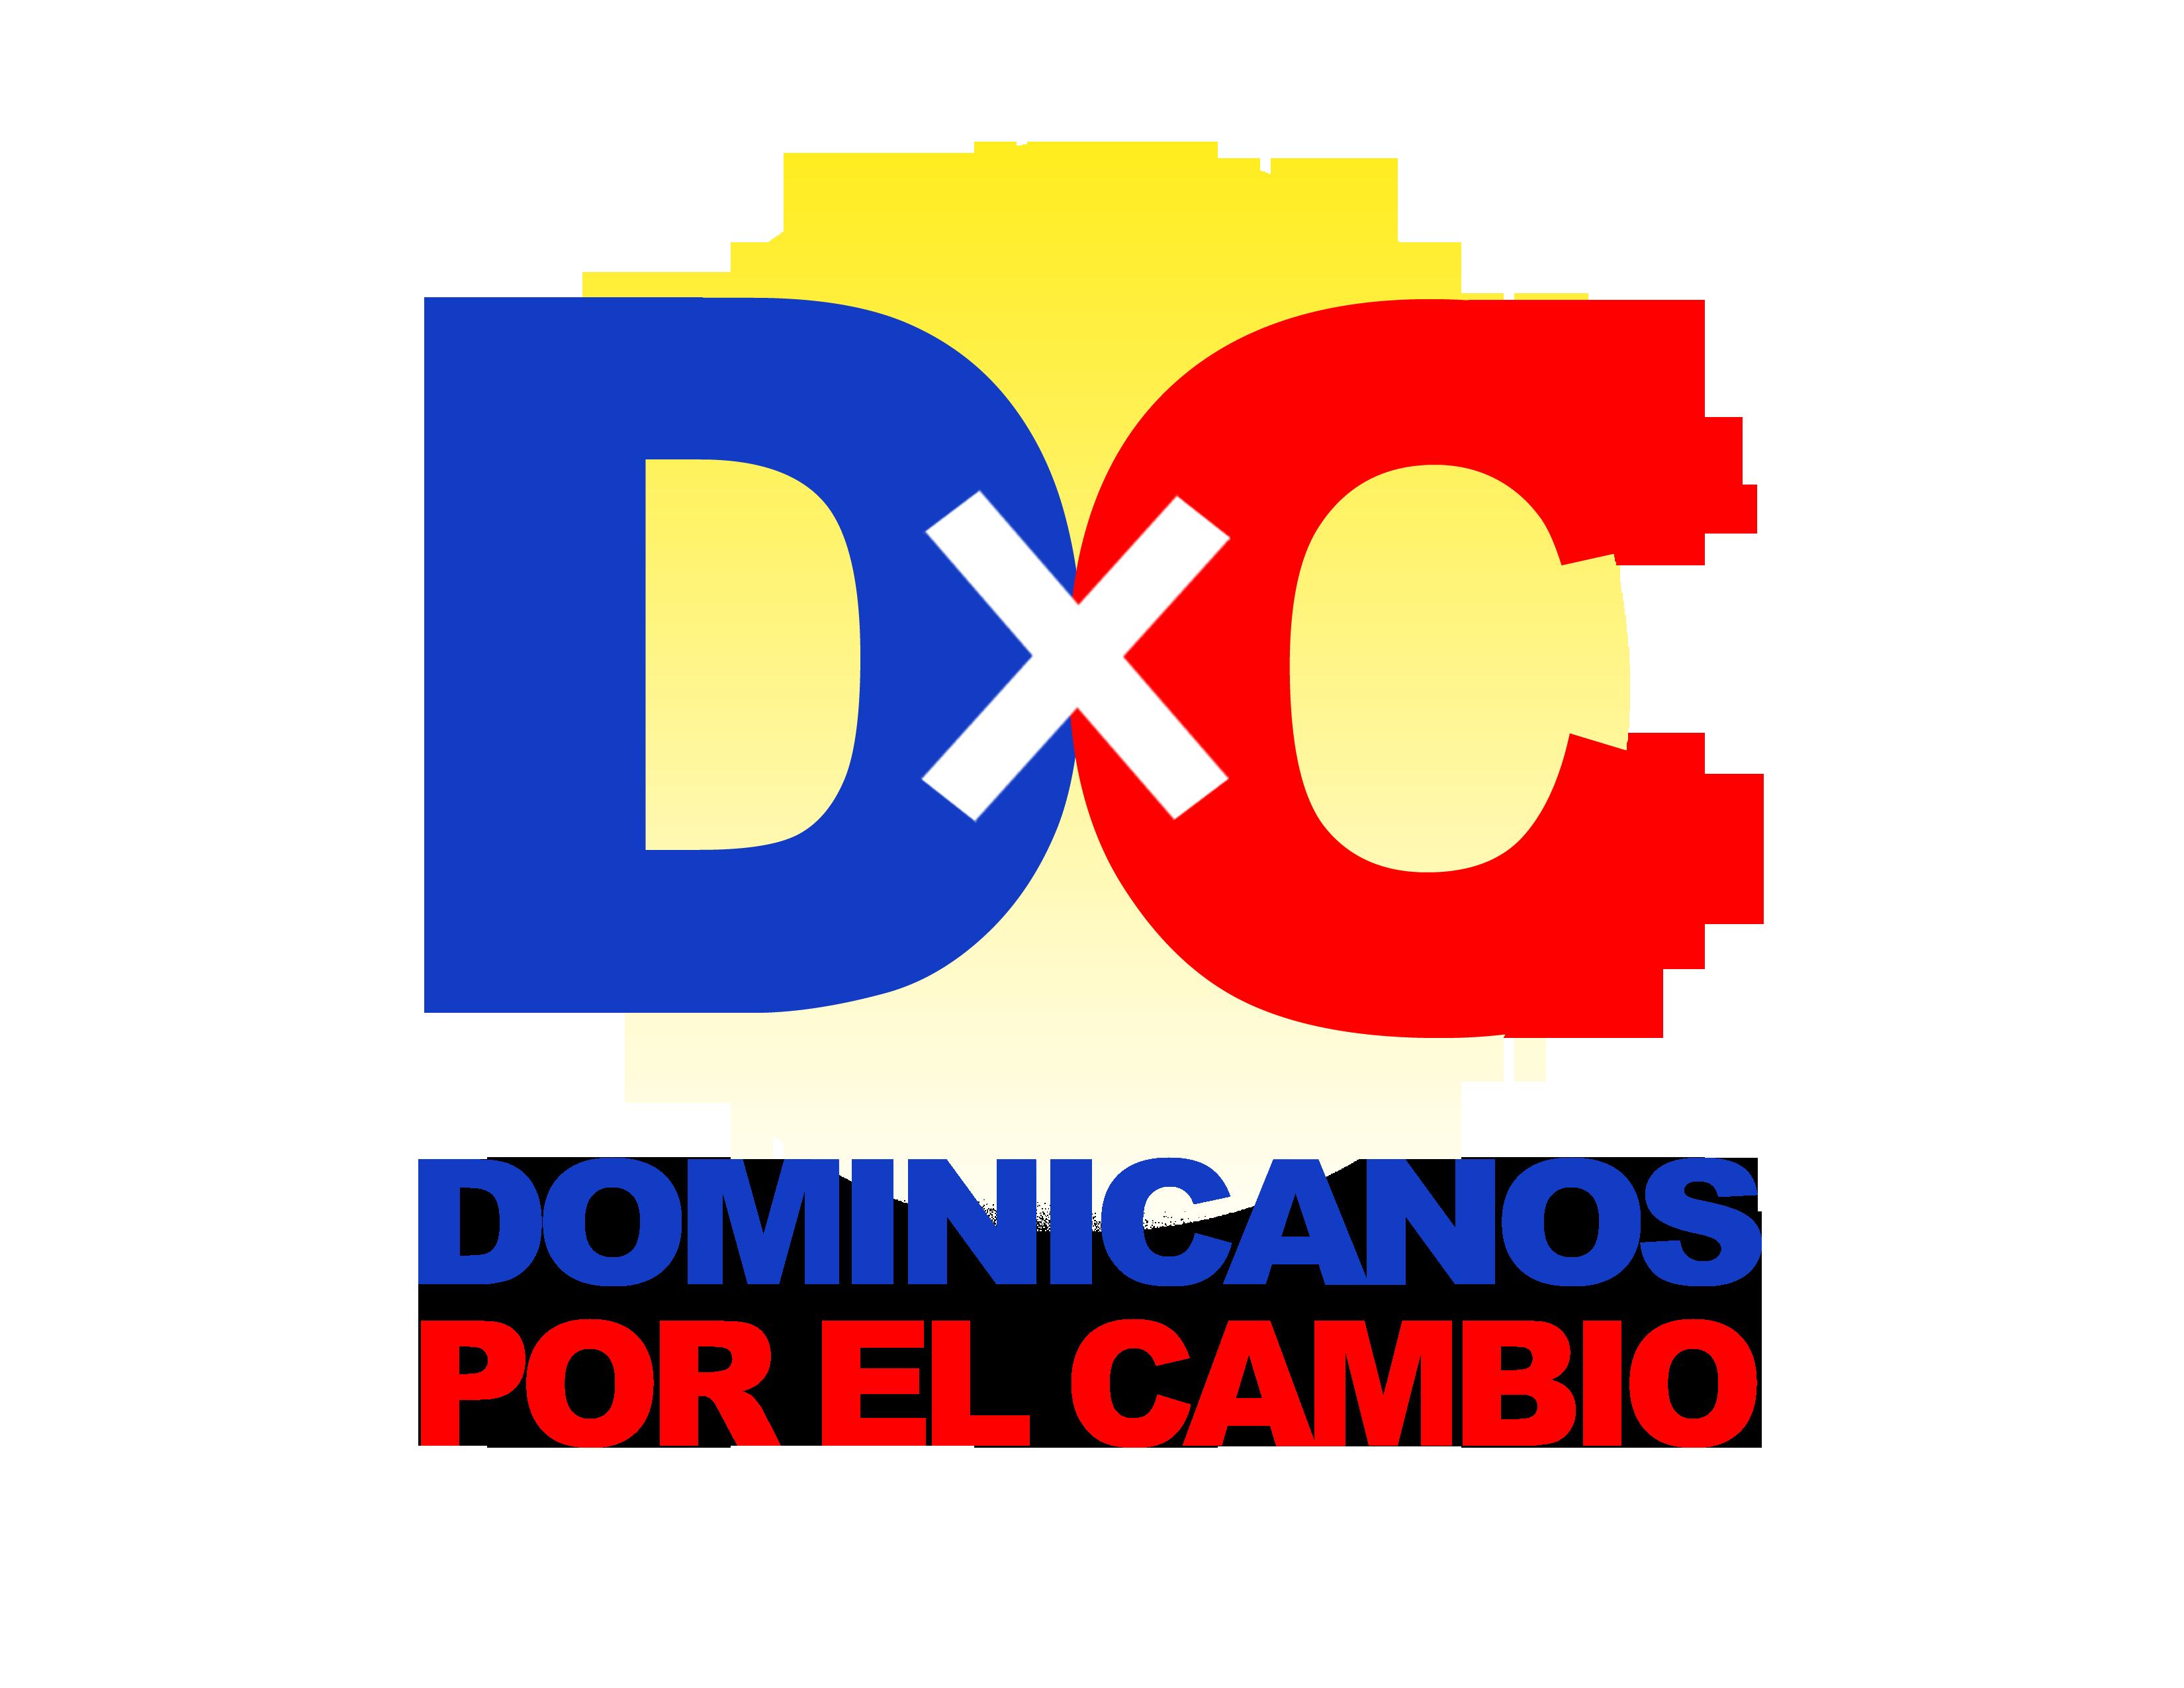 Partido Dominicanos por el Cambio - Wikipedia, la enciclopedia libre